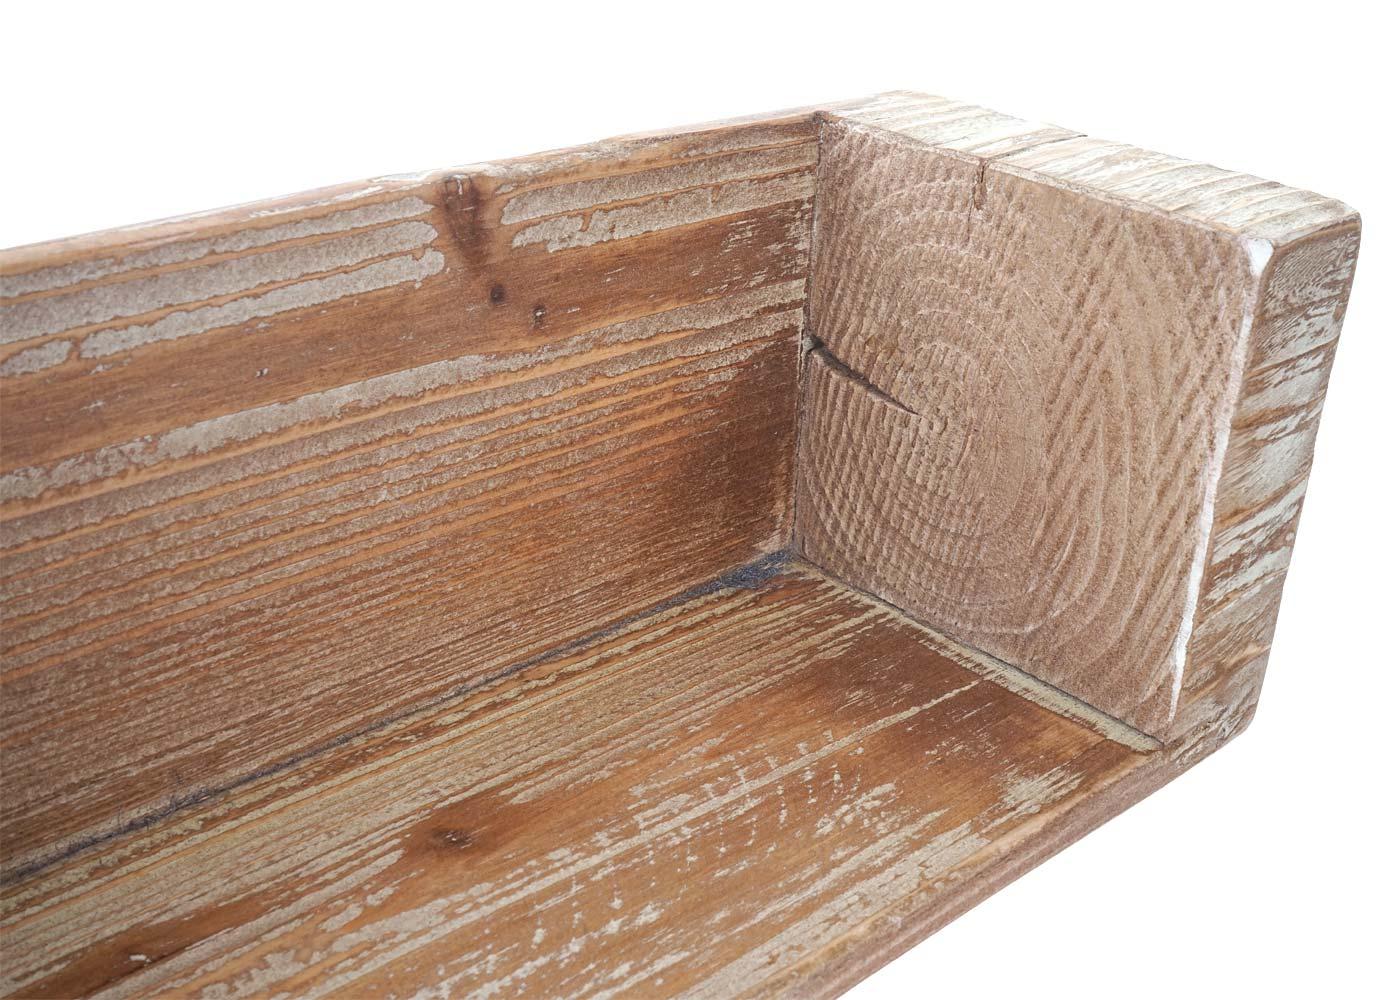 wandregal h ngeregal b cherregal tanne holz rustikal massiv 104cm. Black Bedroom Furniture Sets. Home Design Ideas